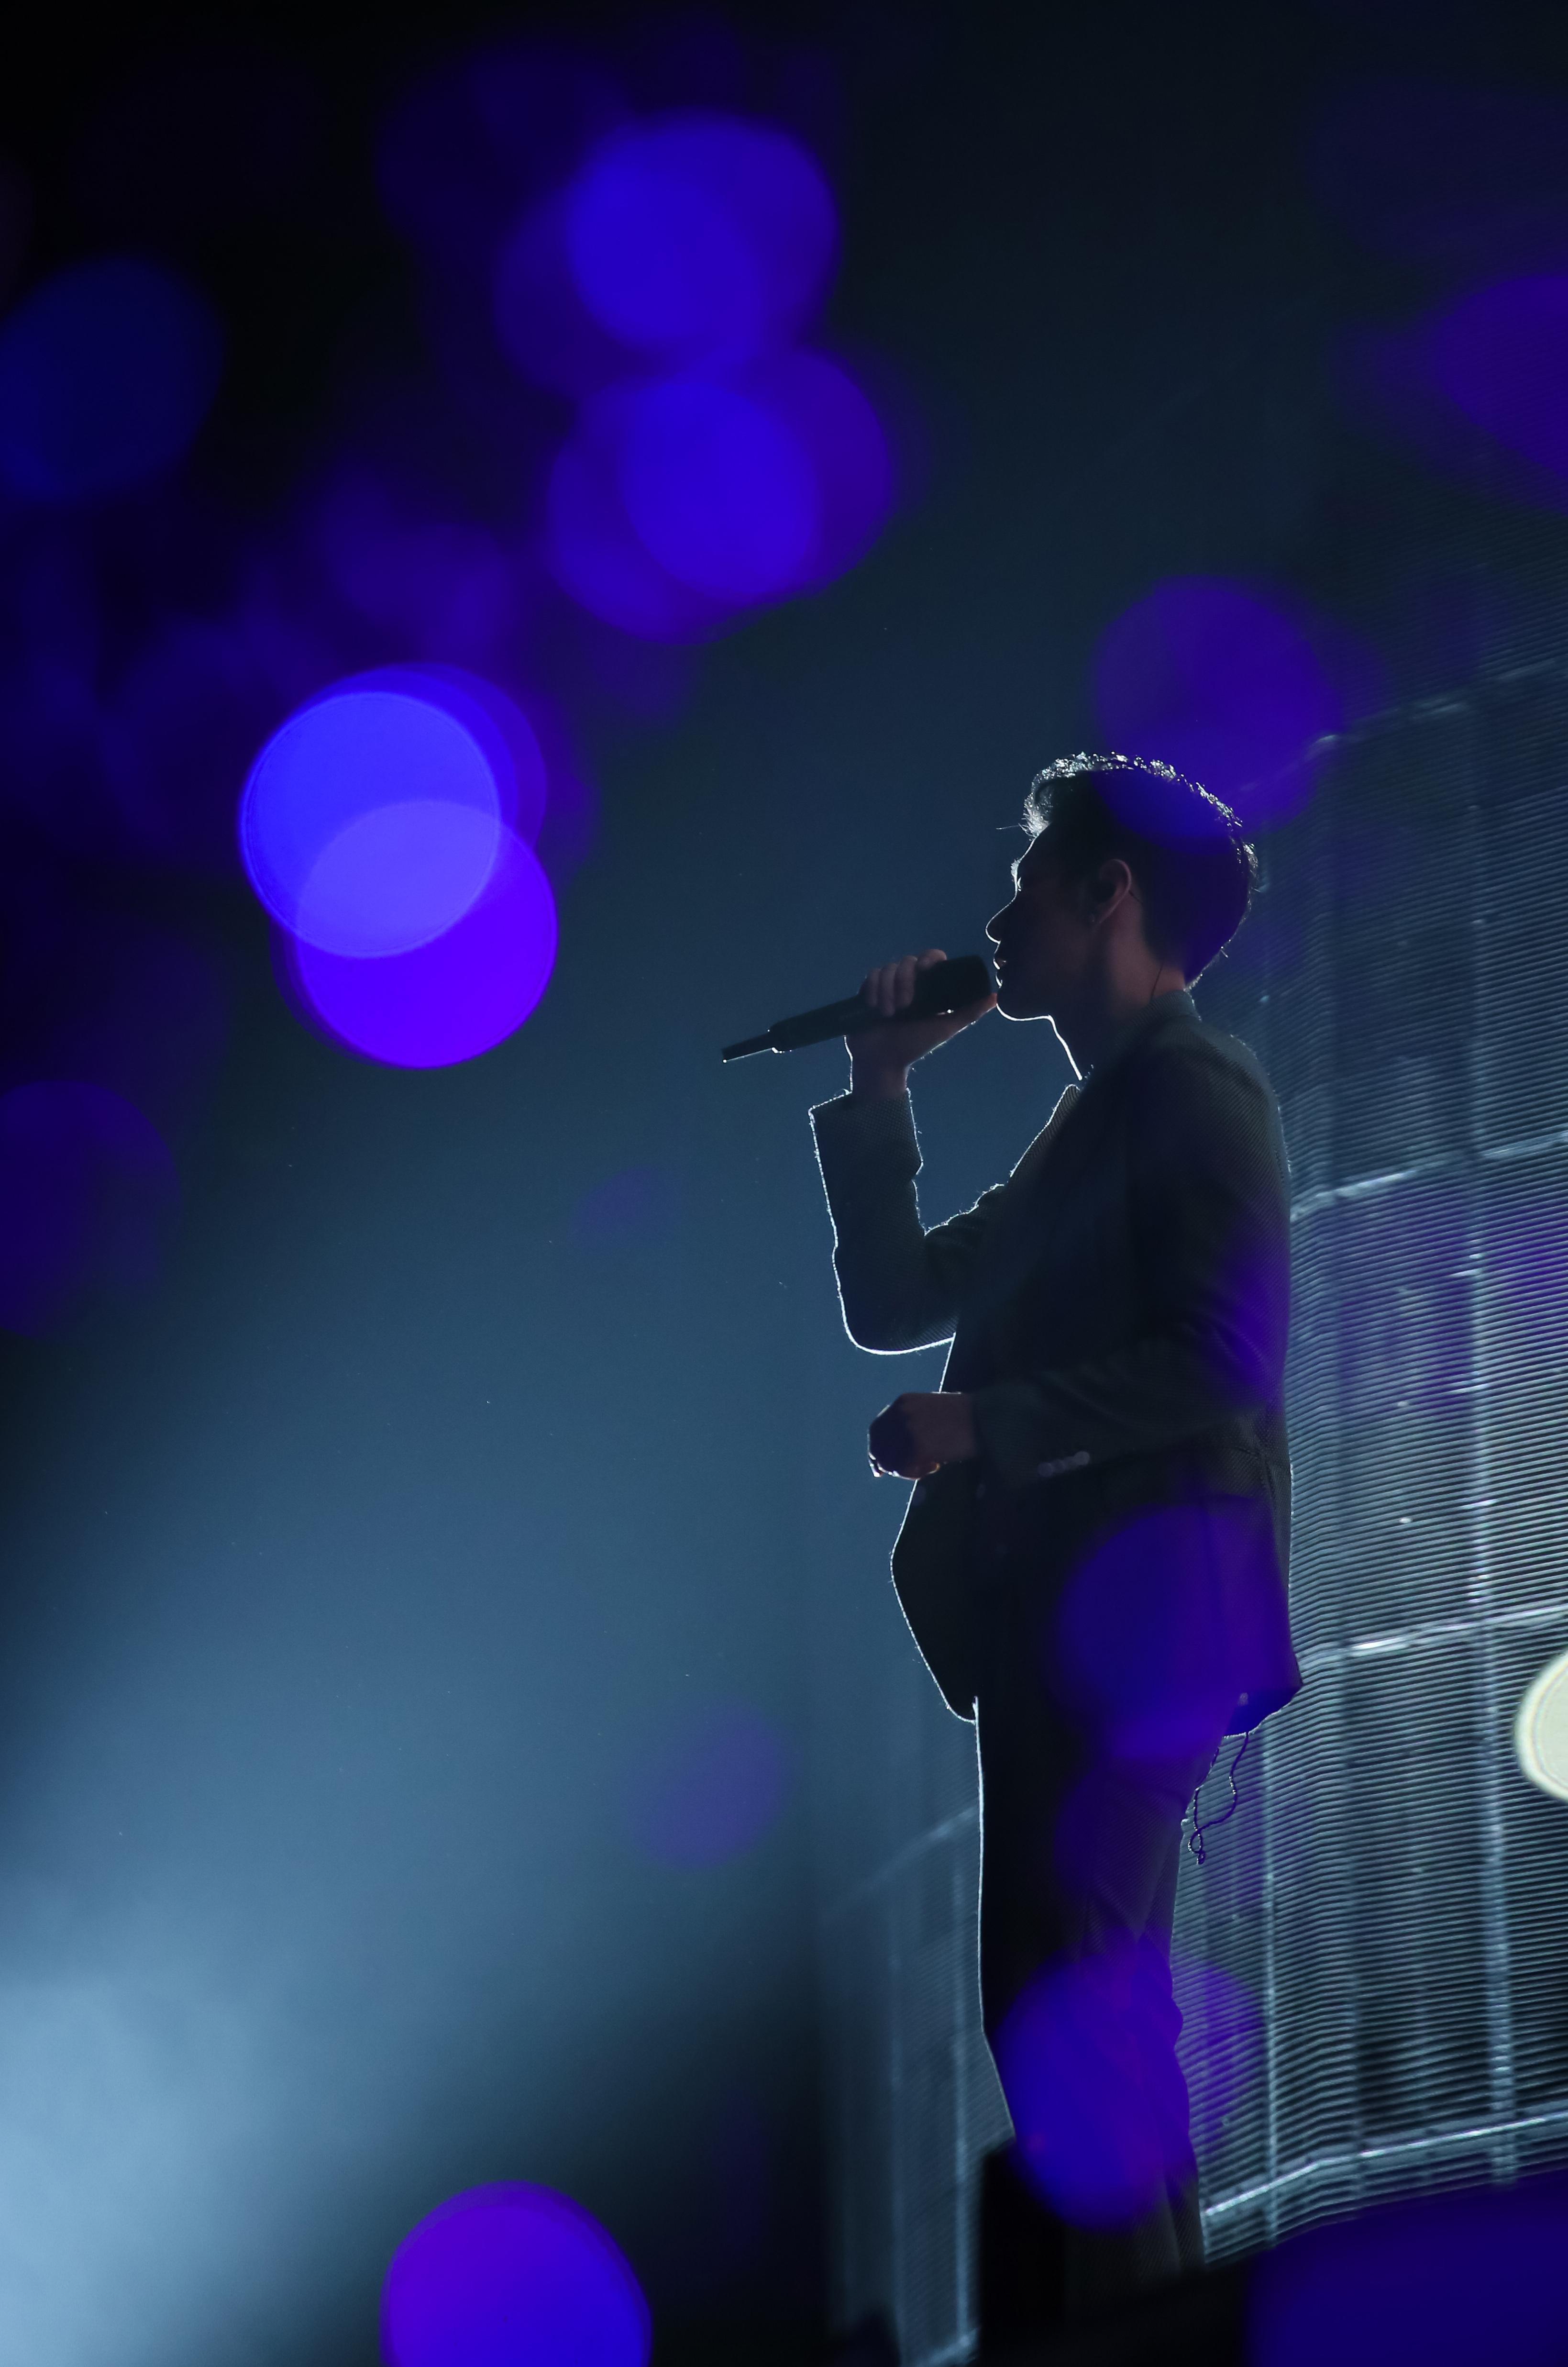 迅雷论坛,李荣浩天津演唱会惊喜连连,年少有为迎来农历新年前最后一站